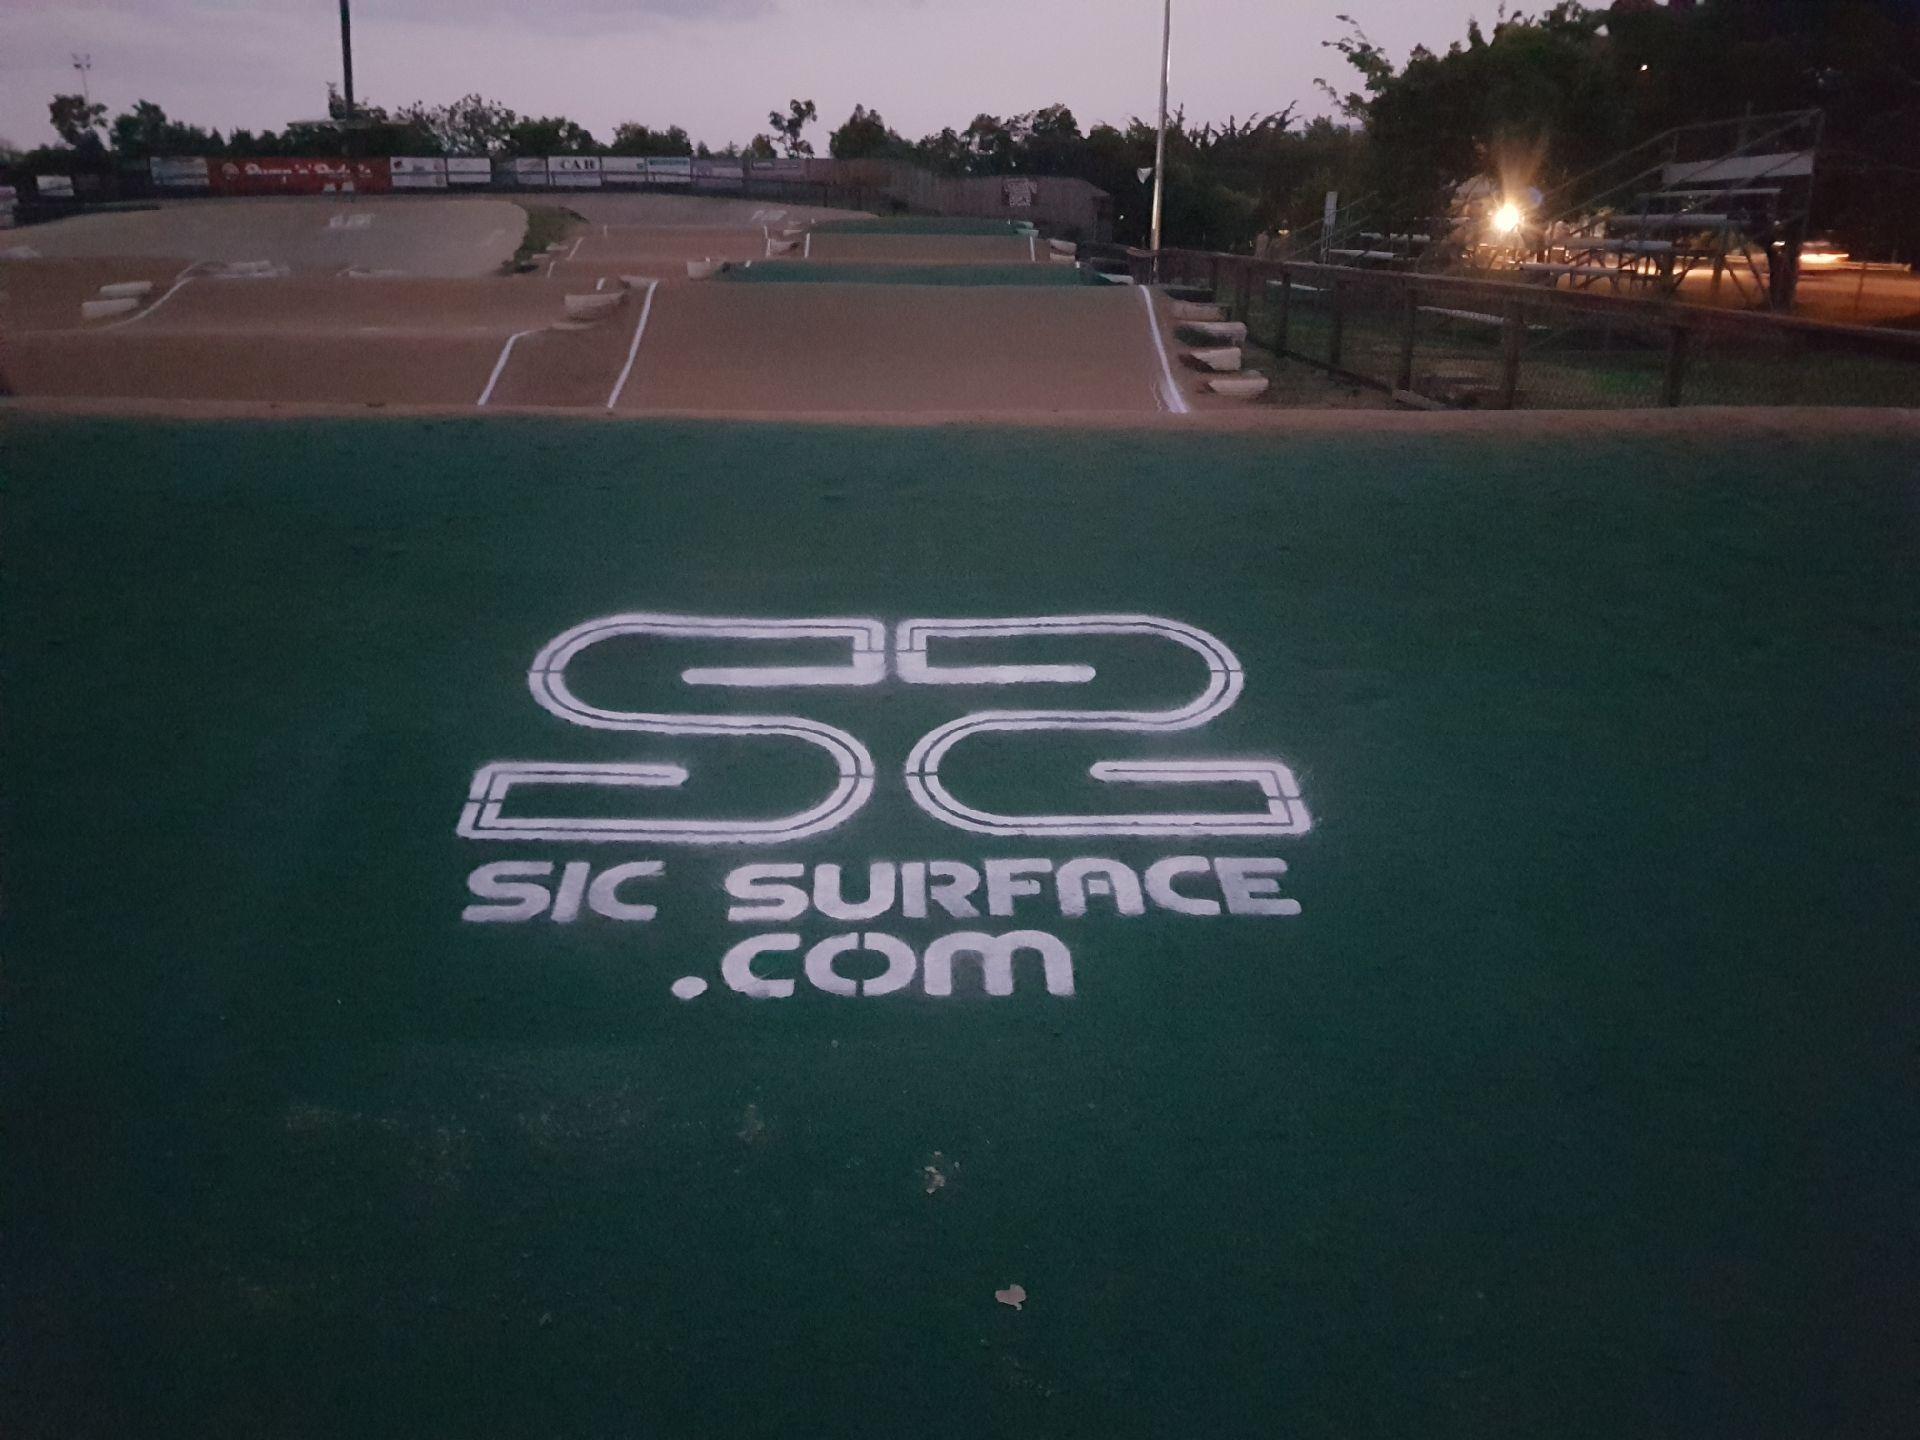 Cairns BMX Sic Surface Logo.JPG